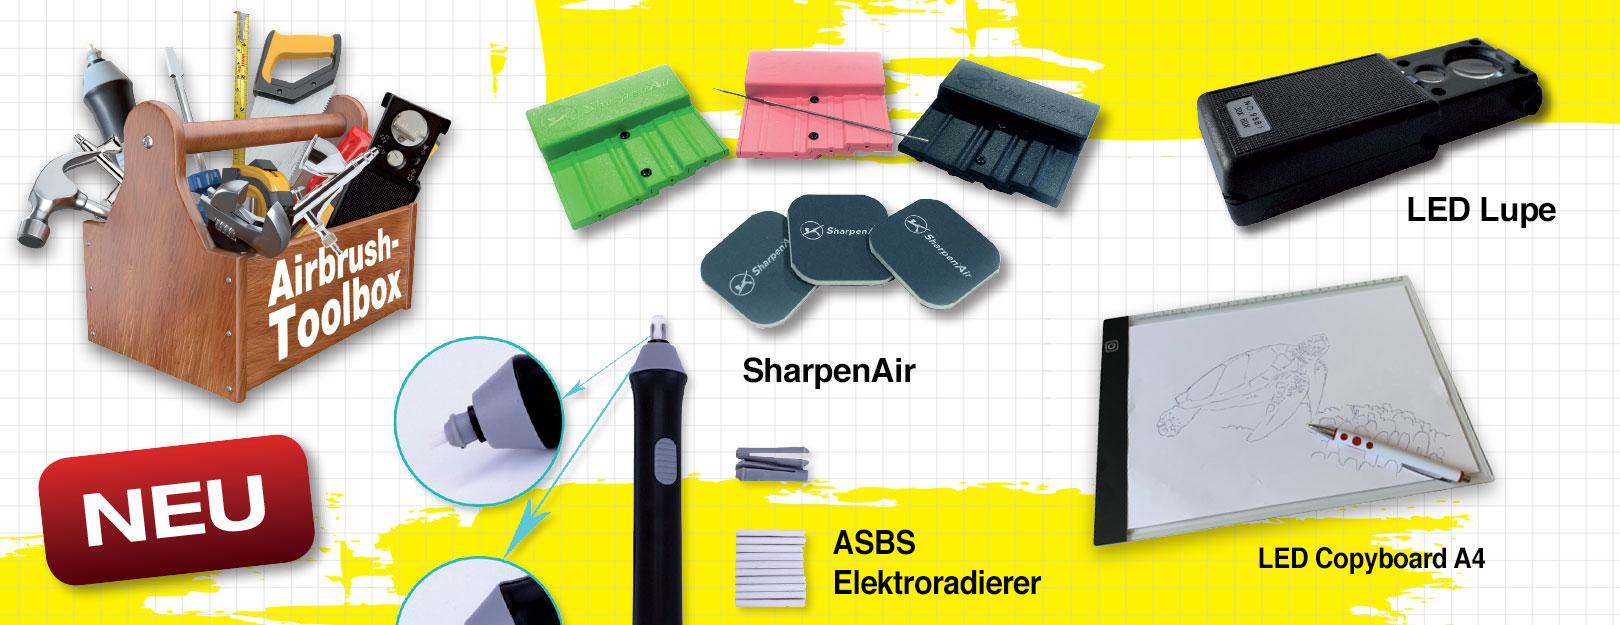 Neu im ASBS Online-Shop: Praktisches, nützliches und ausgesuchtes Airbrush-Zubehör, das (noch) nicht jeder hat!